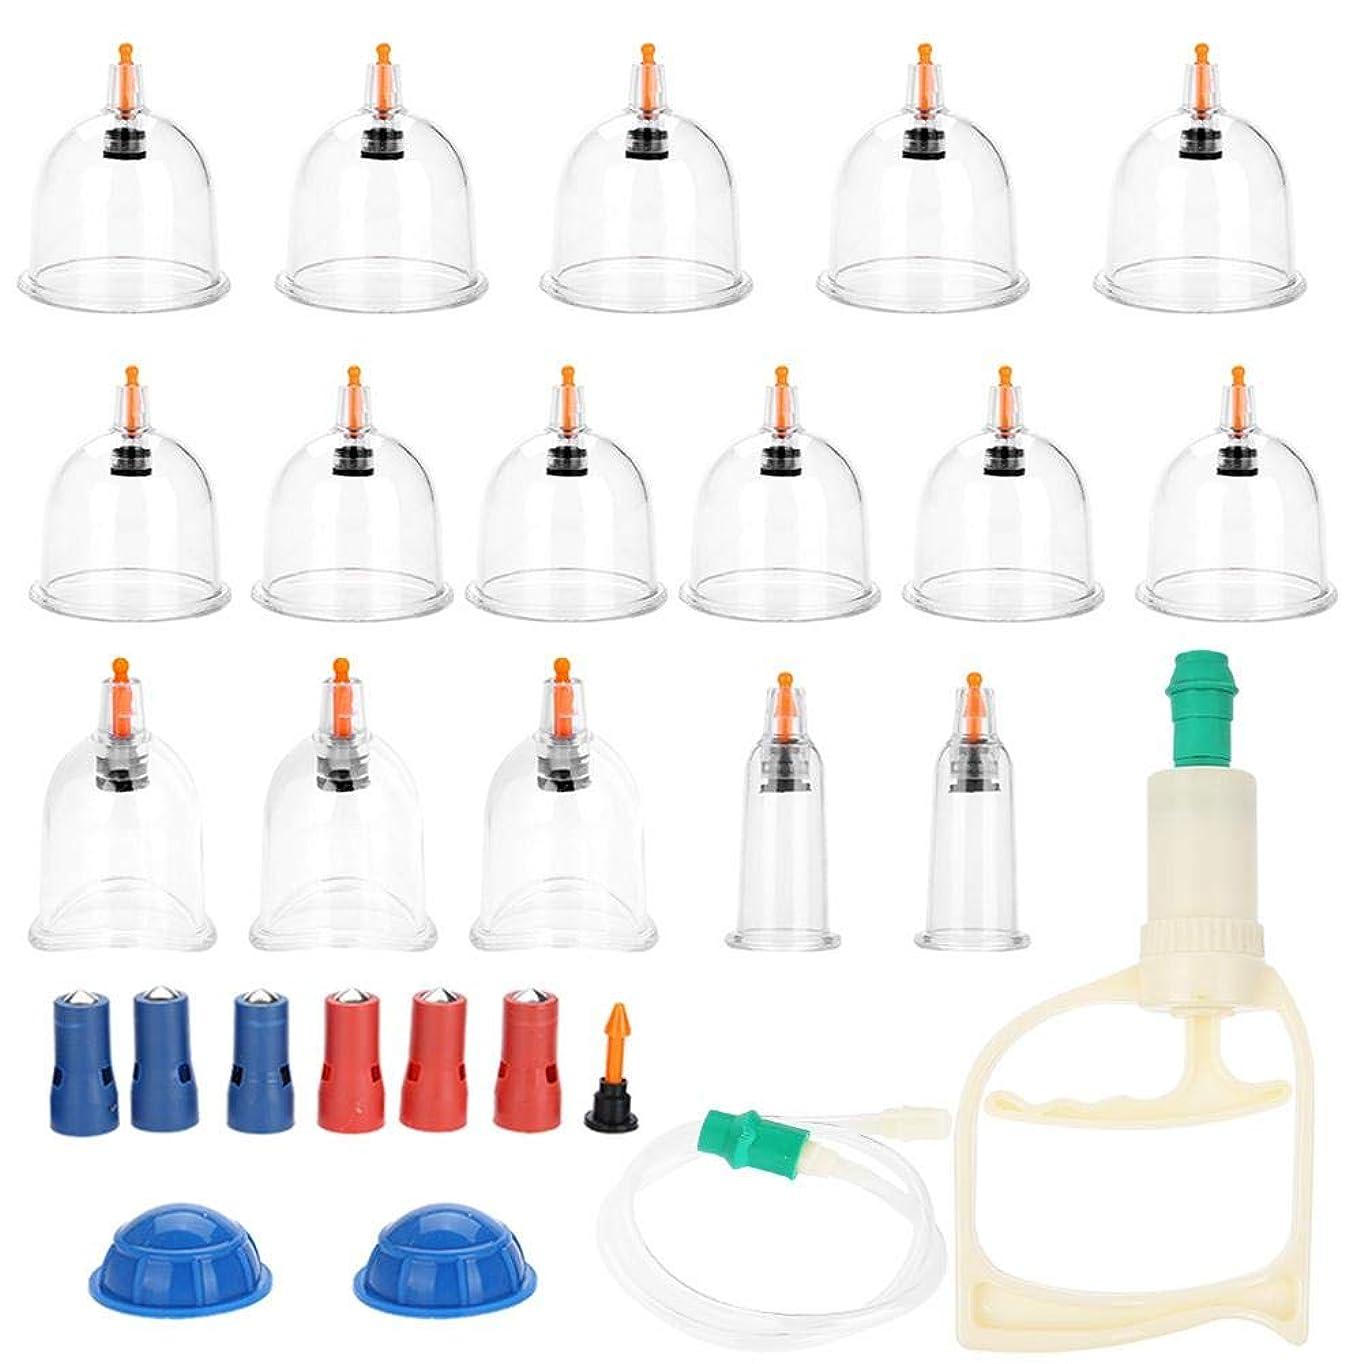 かみそり反応するに勝るカッピング - Delaman cupping、吸い玉カップ、真空吸引カッピングキット、マッサージカッピングセット、グリップハンド 真空ポンプ